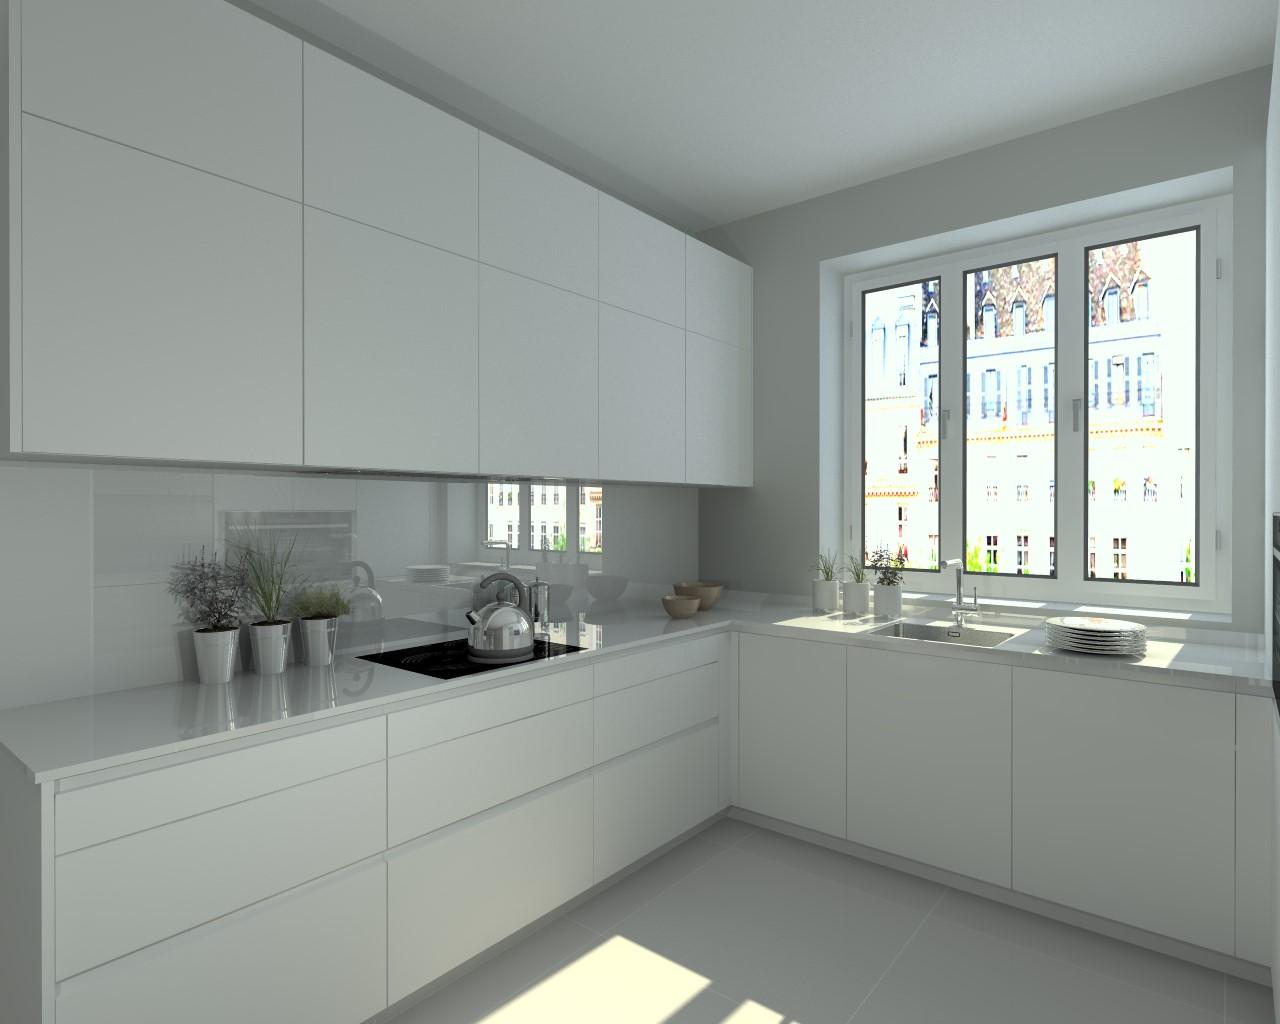 Aravaca cocina santos modelo line e blanco encimera for Cocina blanca encimera granito negra